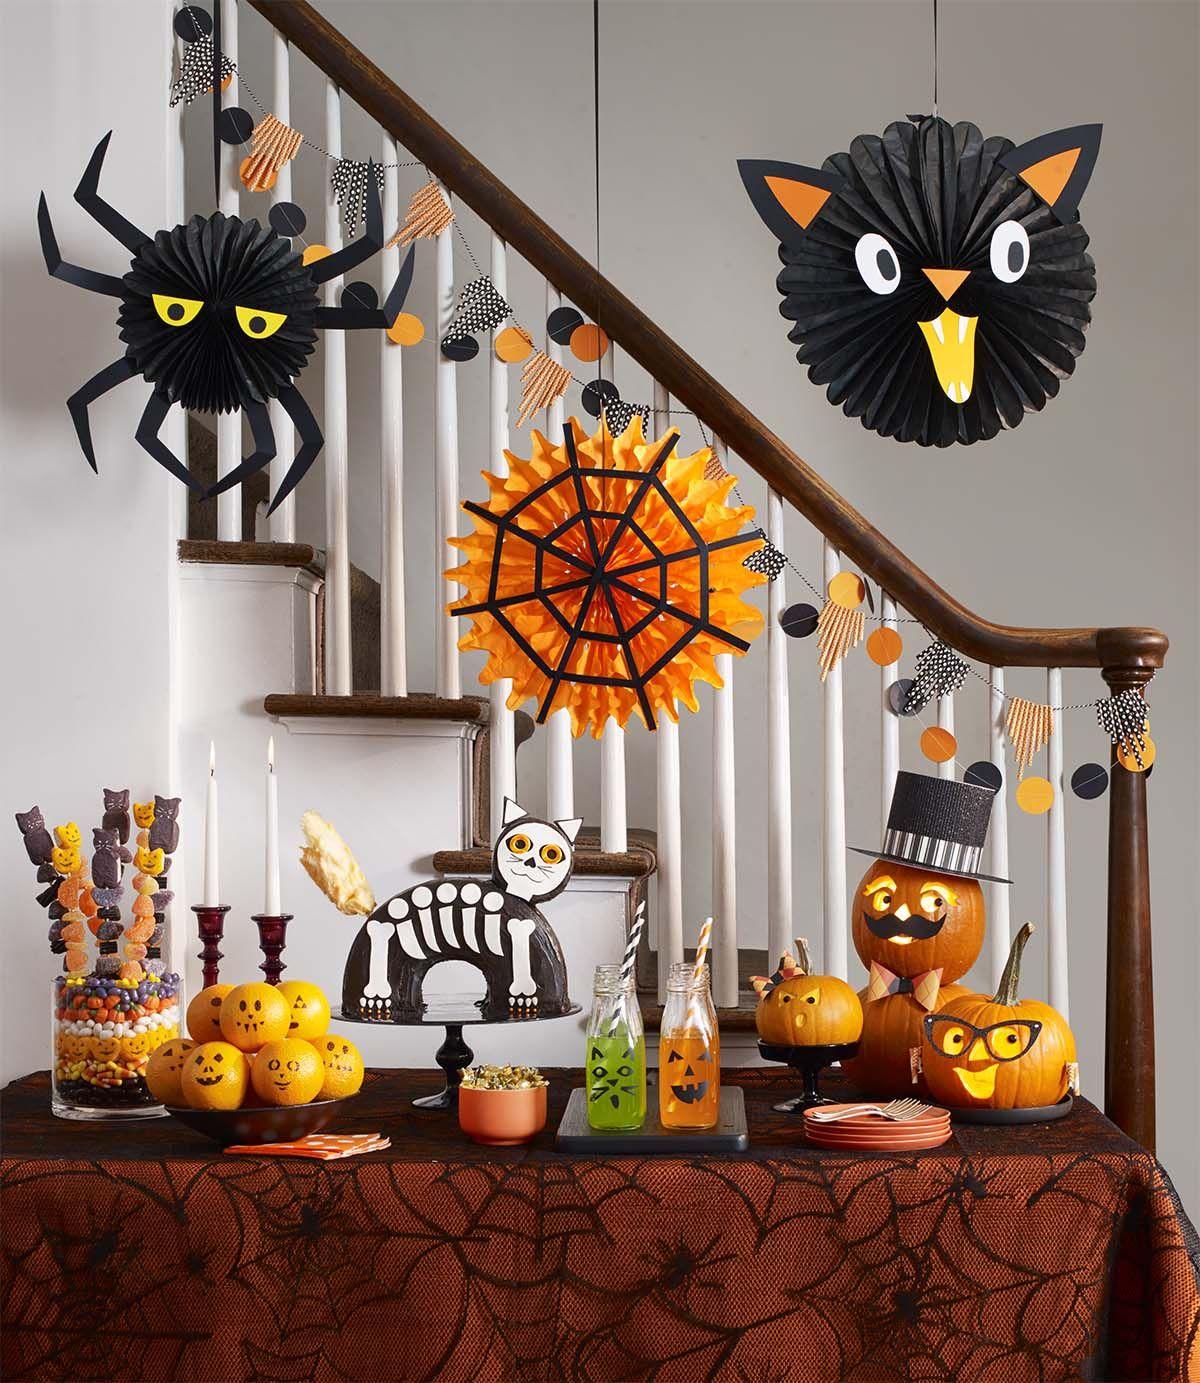 51 diy halloween decorations